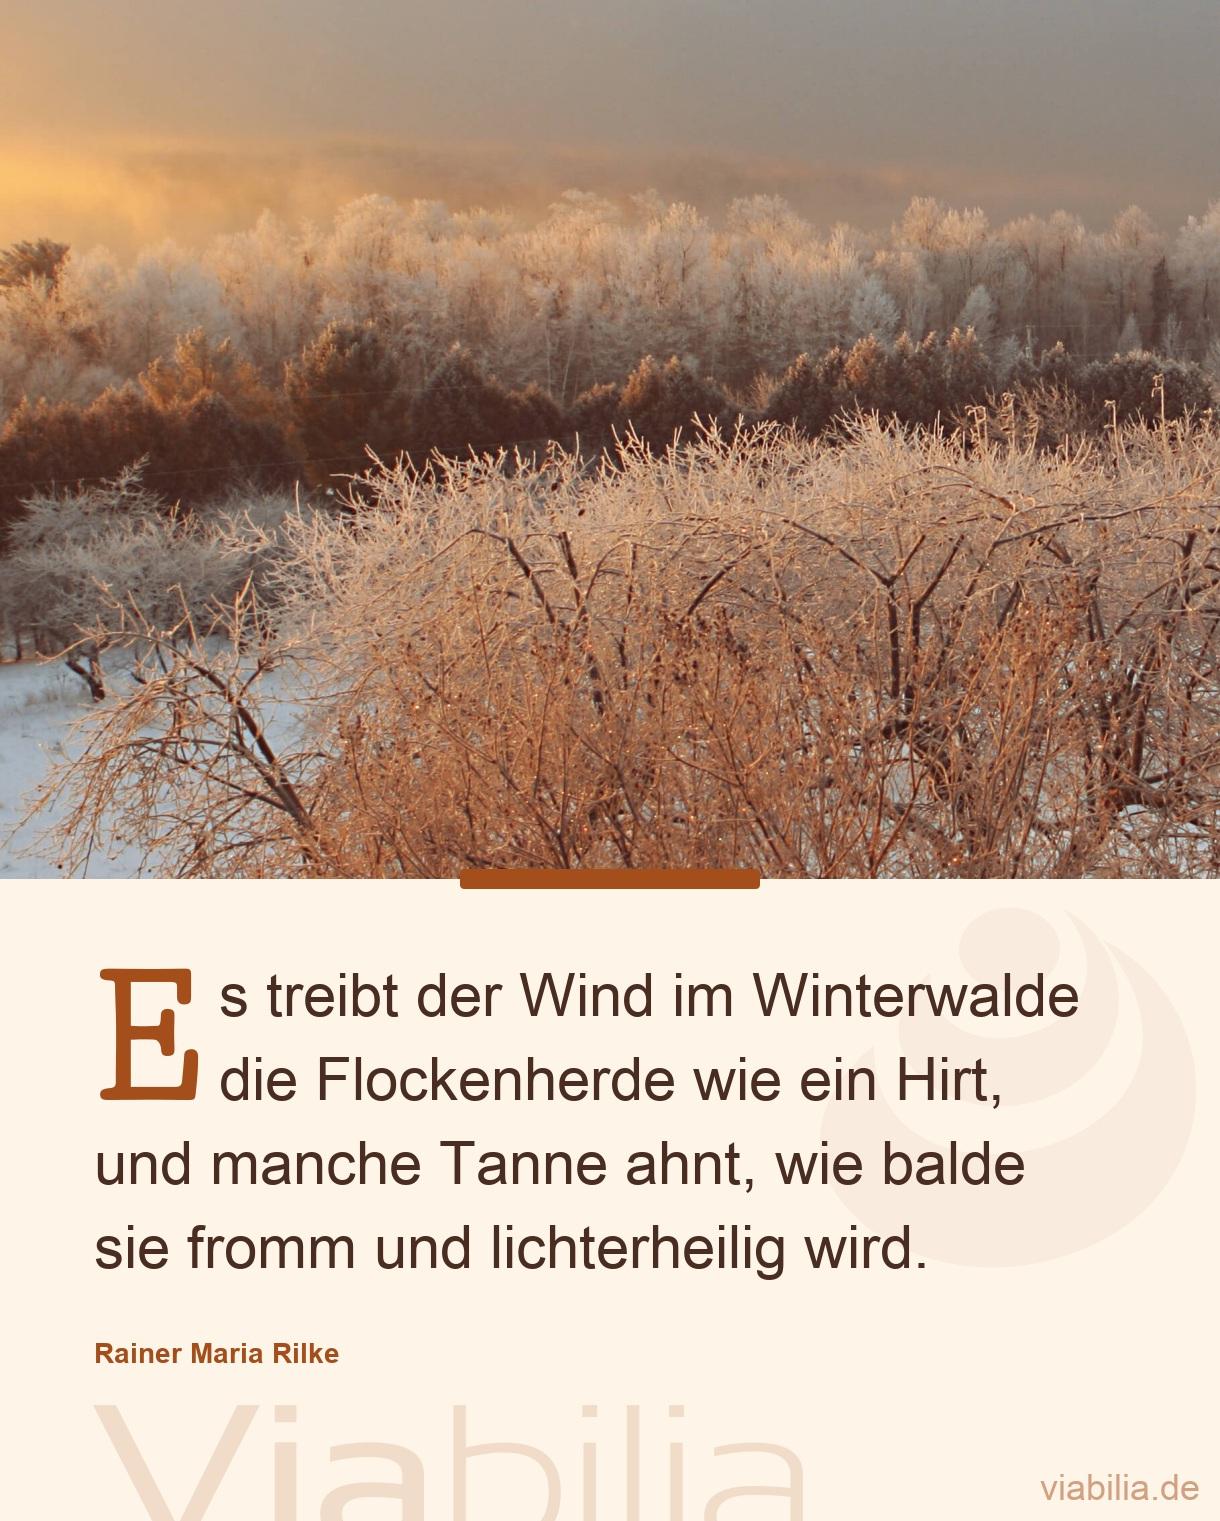 Weihnachtsgedicht: Es Treibt Der Wind Im Winterwalde ganzes Rainer Maria Rilke Weihnachtsgedichte